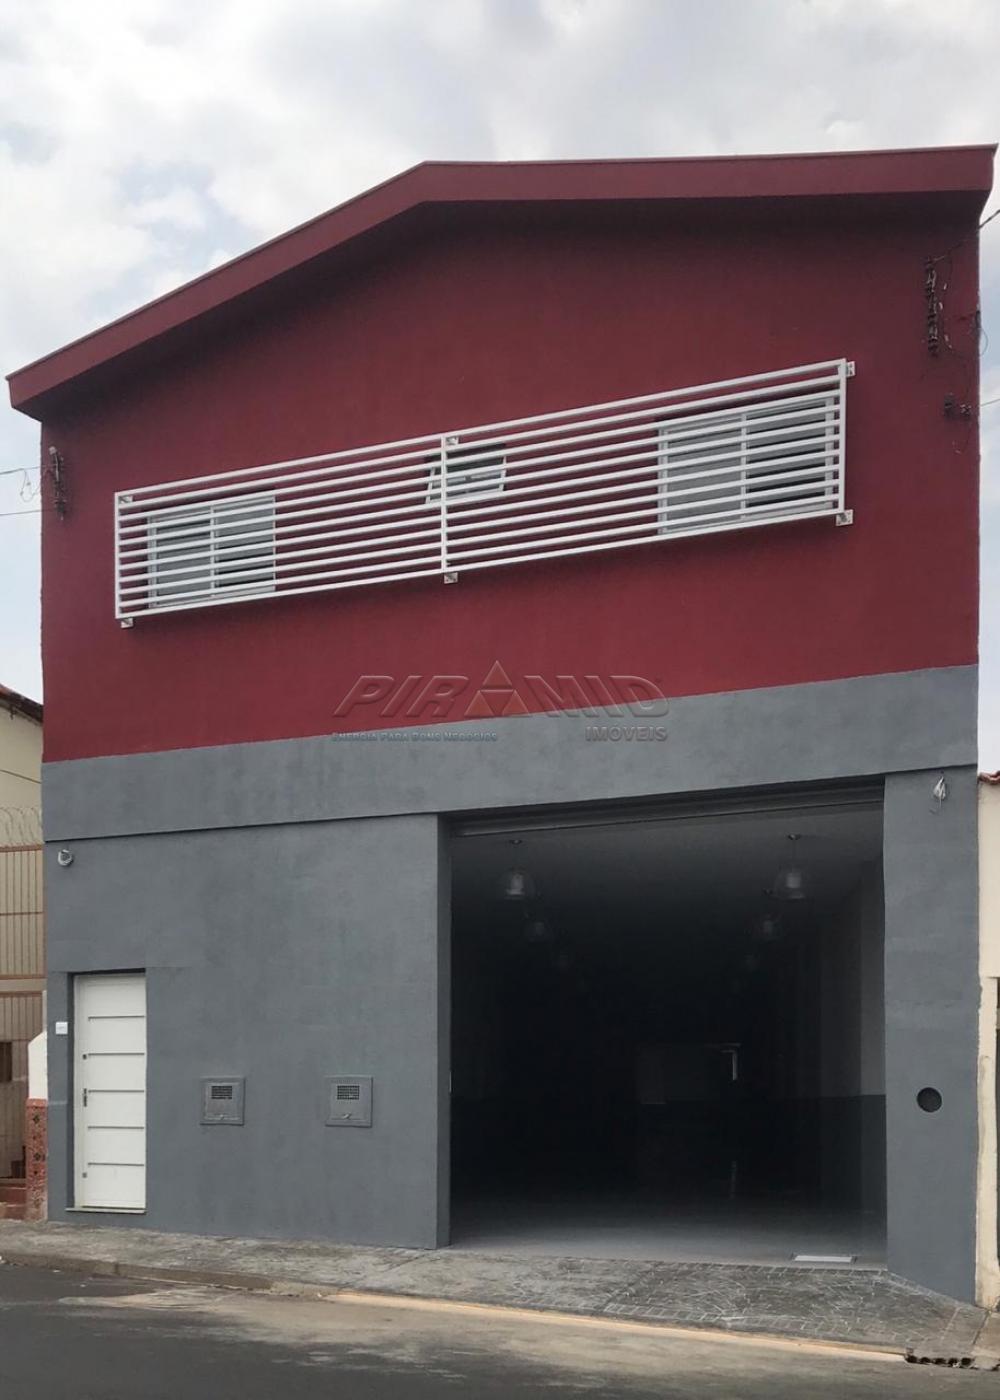 Alugar Comercial / Salão em Ribeirão Preto apenas R$ 5.600,00 - Foto 2